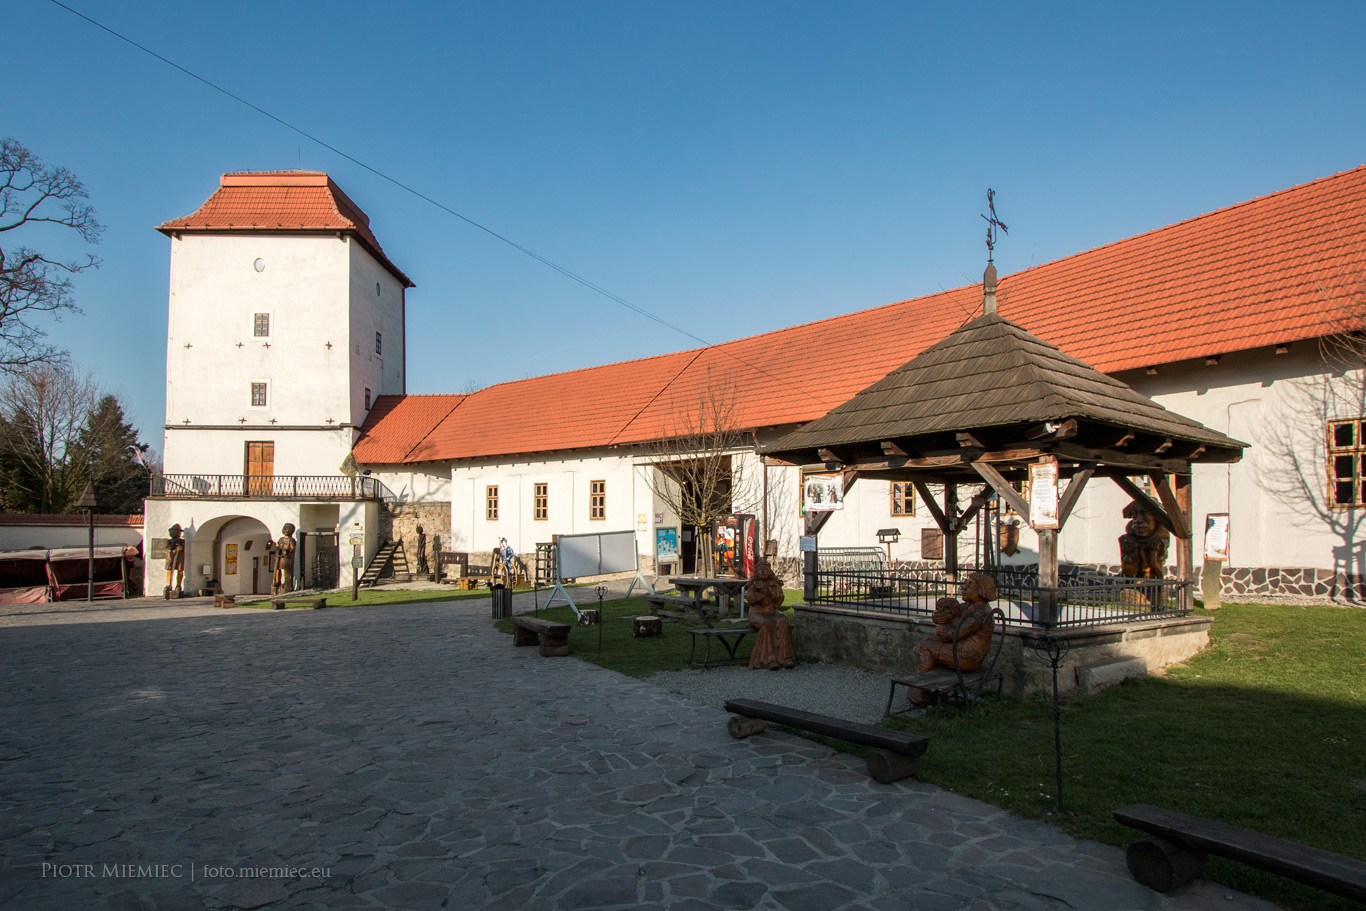 Zamek w Śląskiej Ostrawie IMG_7179